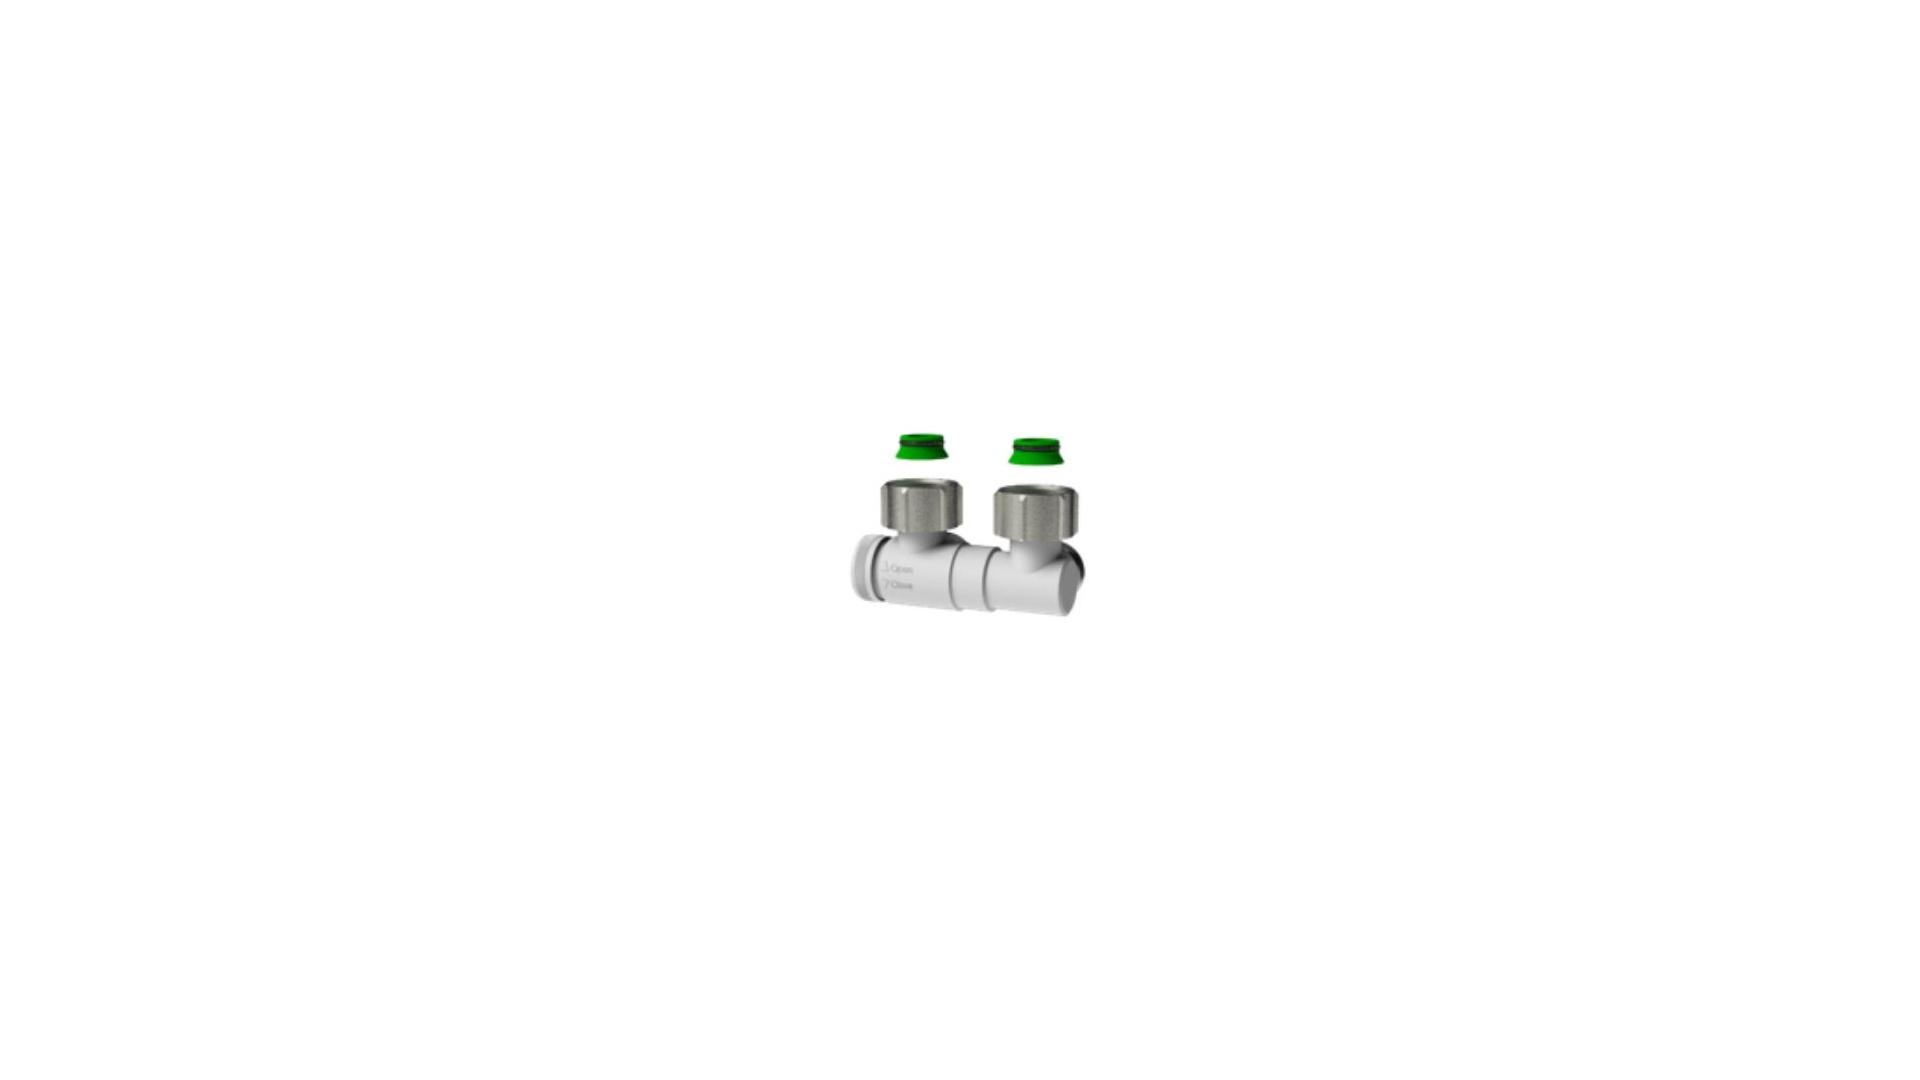 Kit De Raccordement Stelrad Coudé T2106 concernant Changer Robinet Thermostatique Sans Vidanger